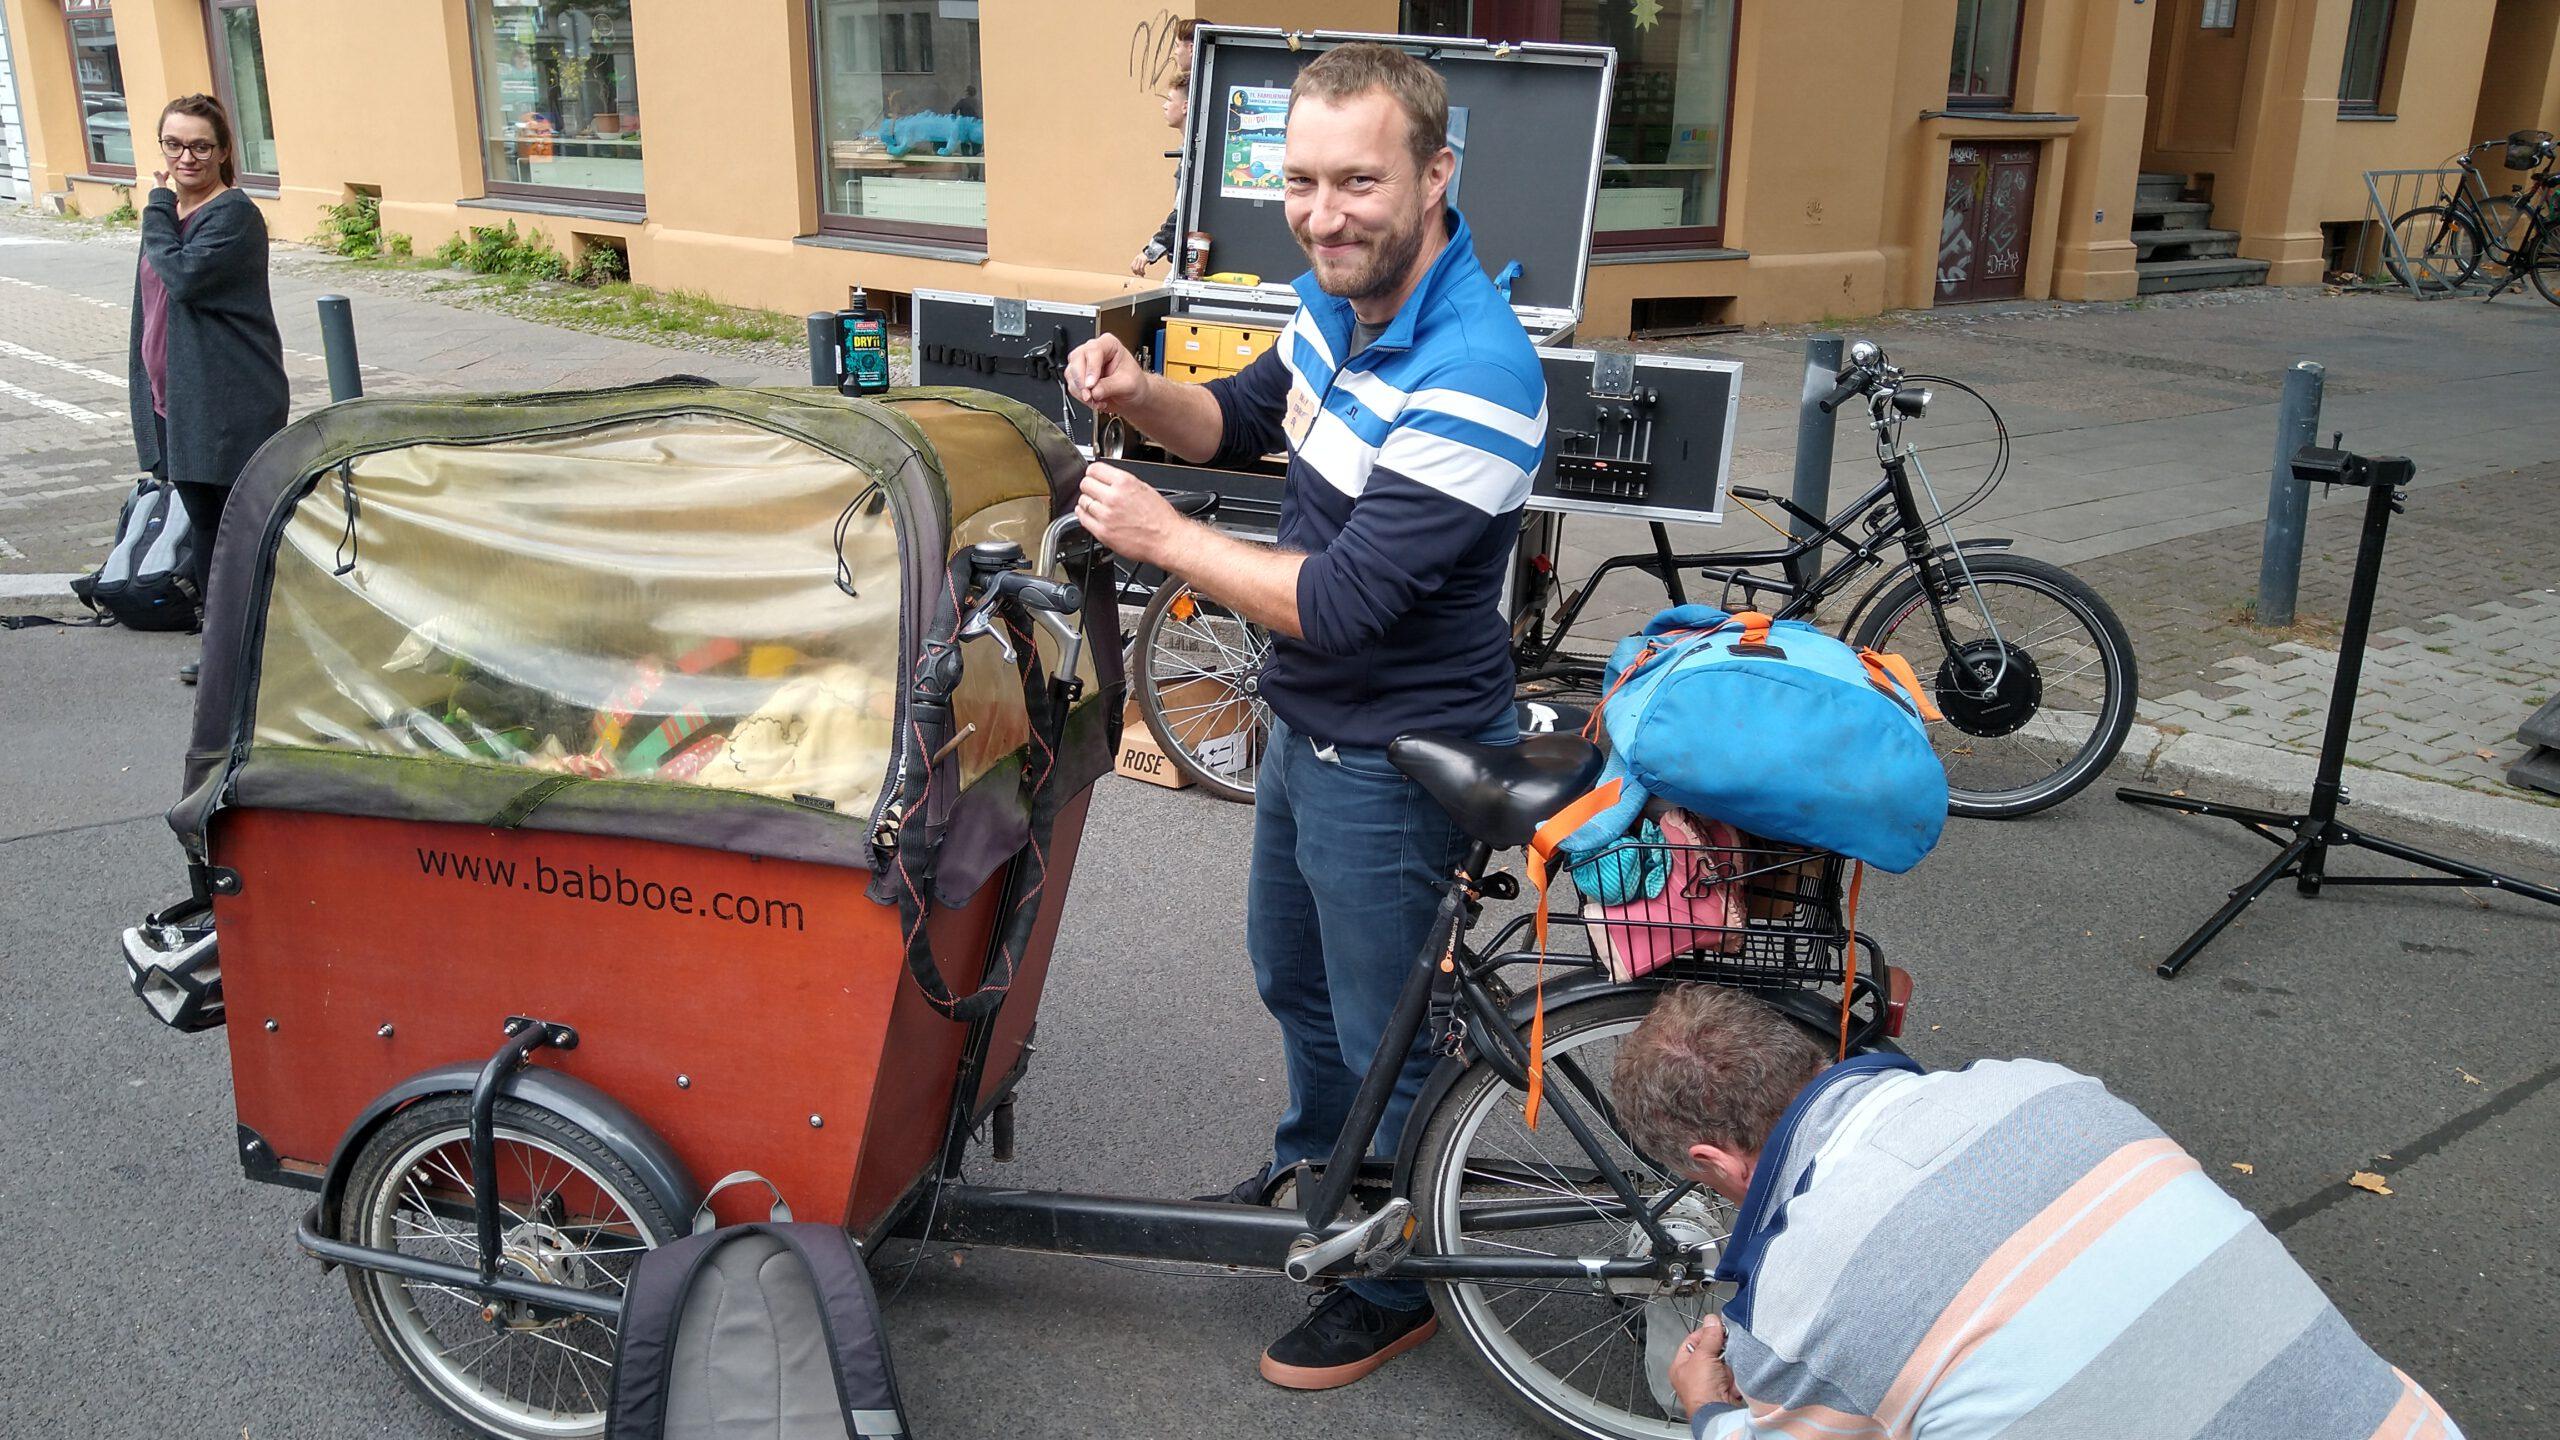 Straßenfest Pohlstr. Kidz Bike